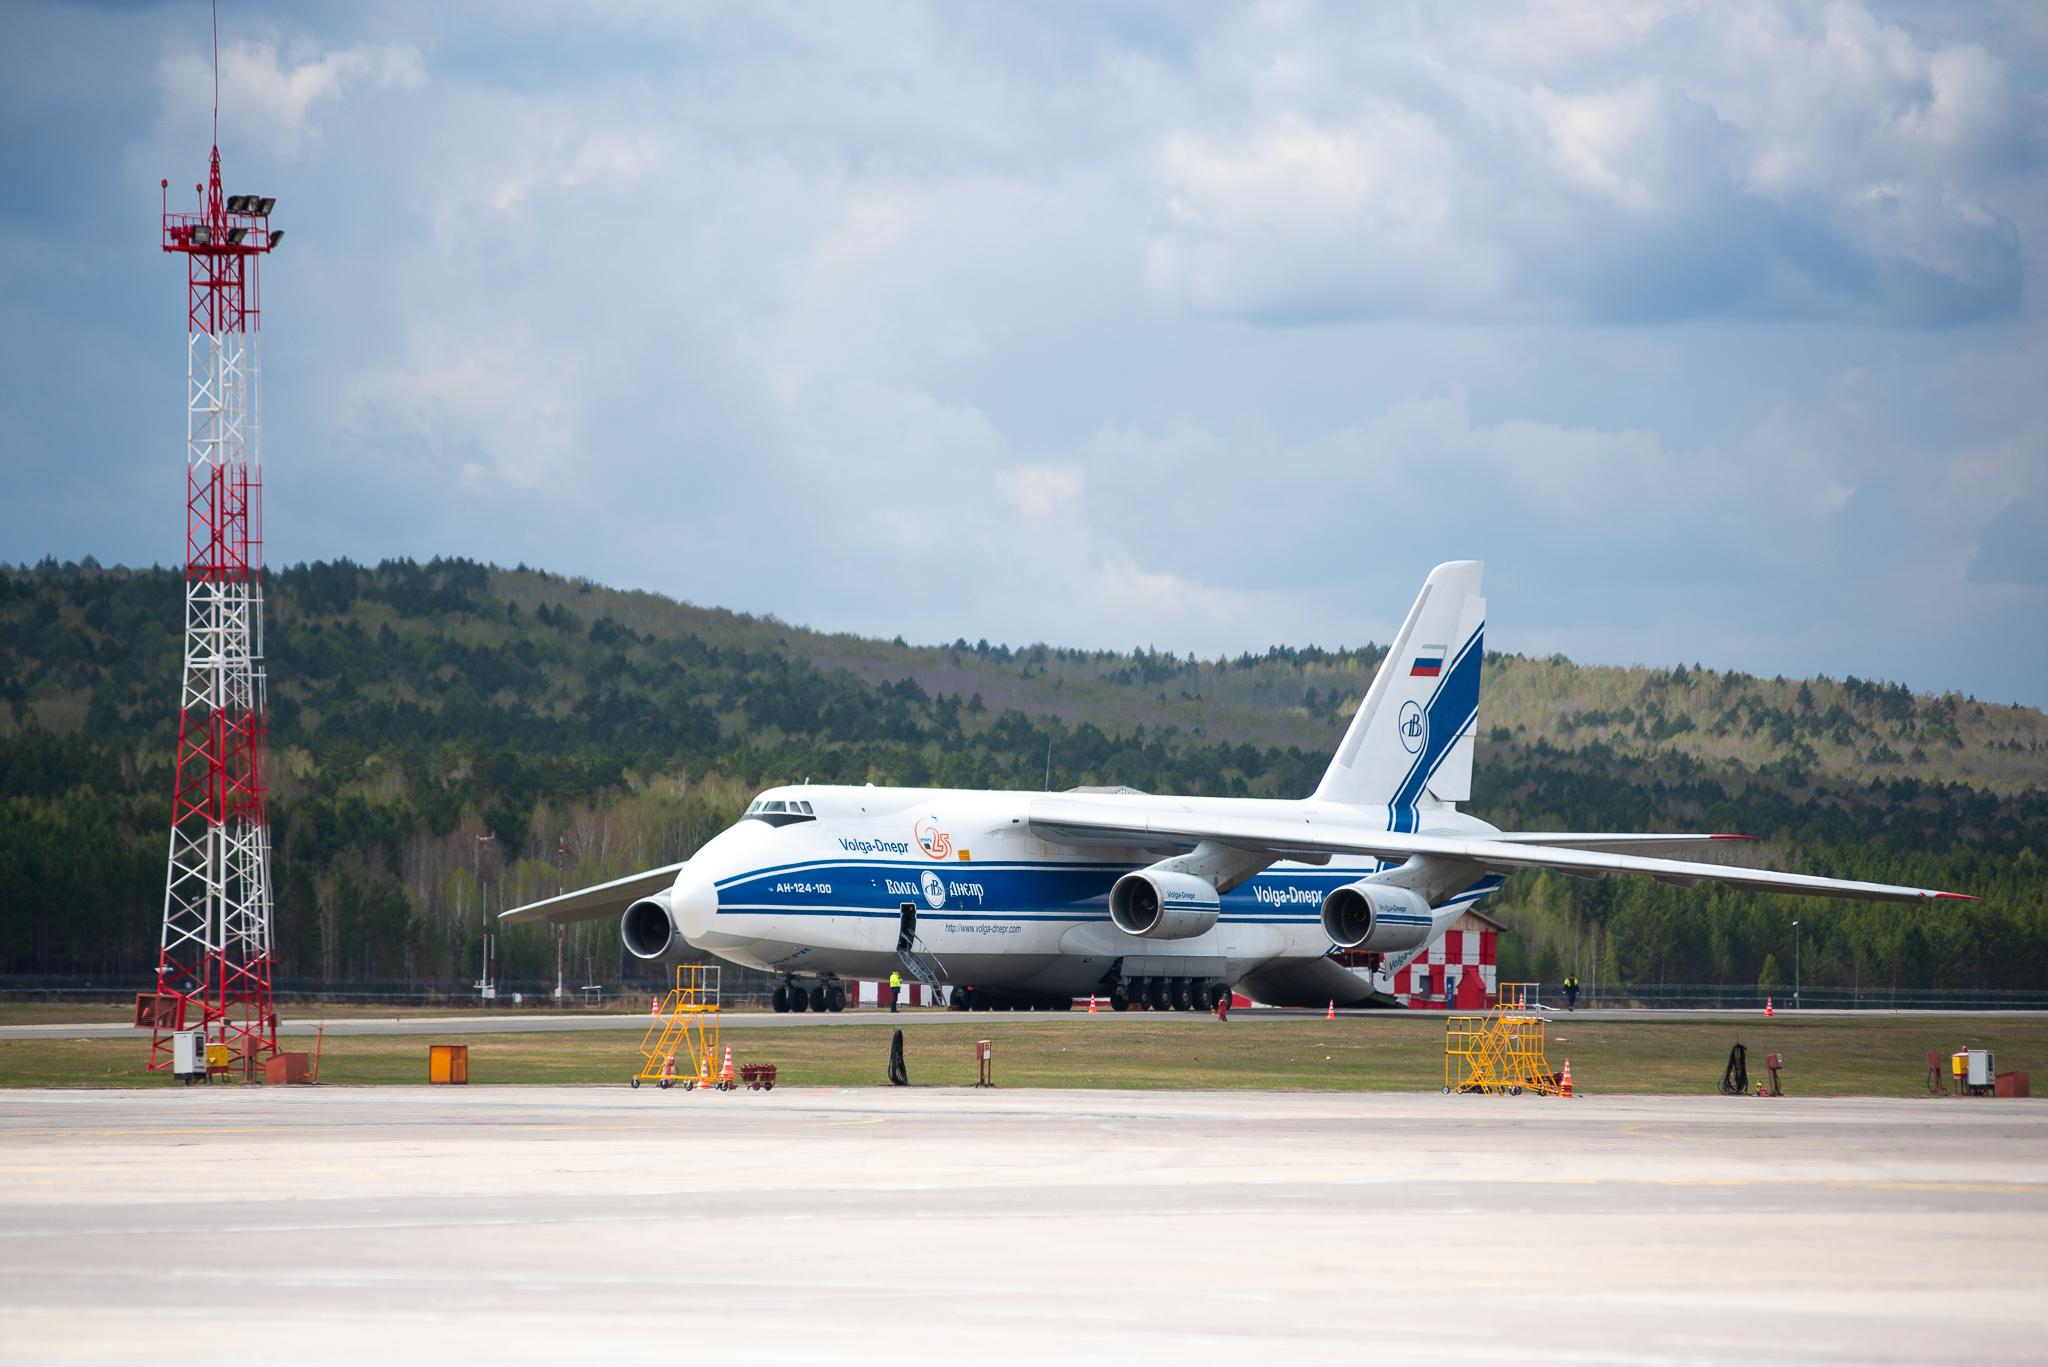 Аэропорт Красноярск. Российский грузовой самолёт Ан-124-100 являющийся самым большим серийным грузовым самолётом в мире. 20.05.2019 г